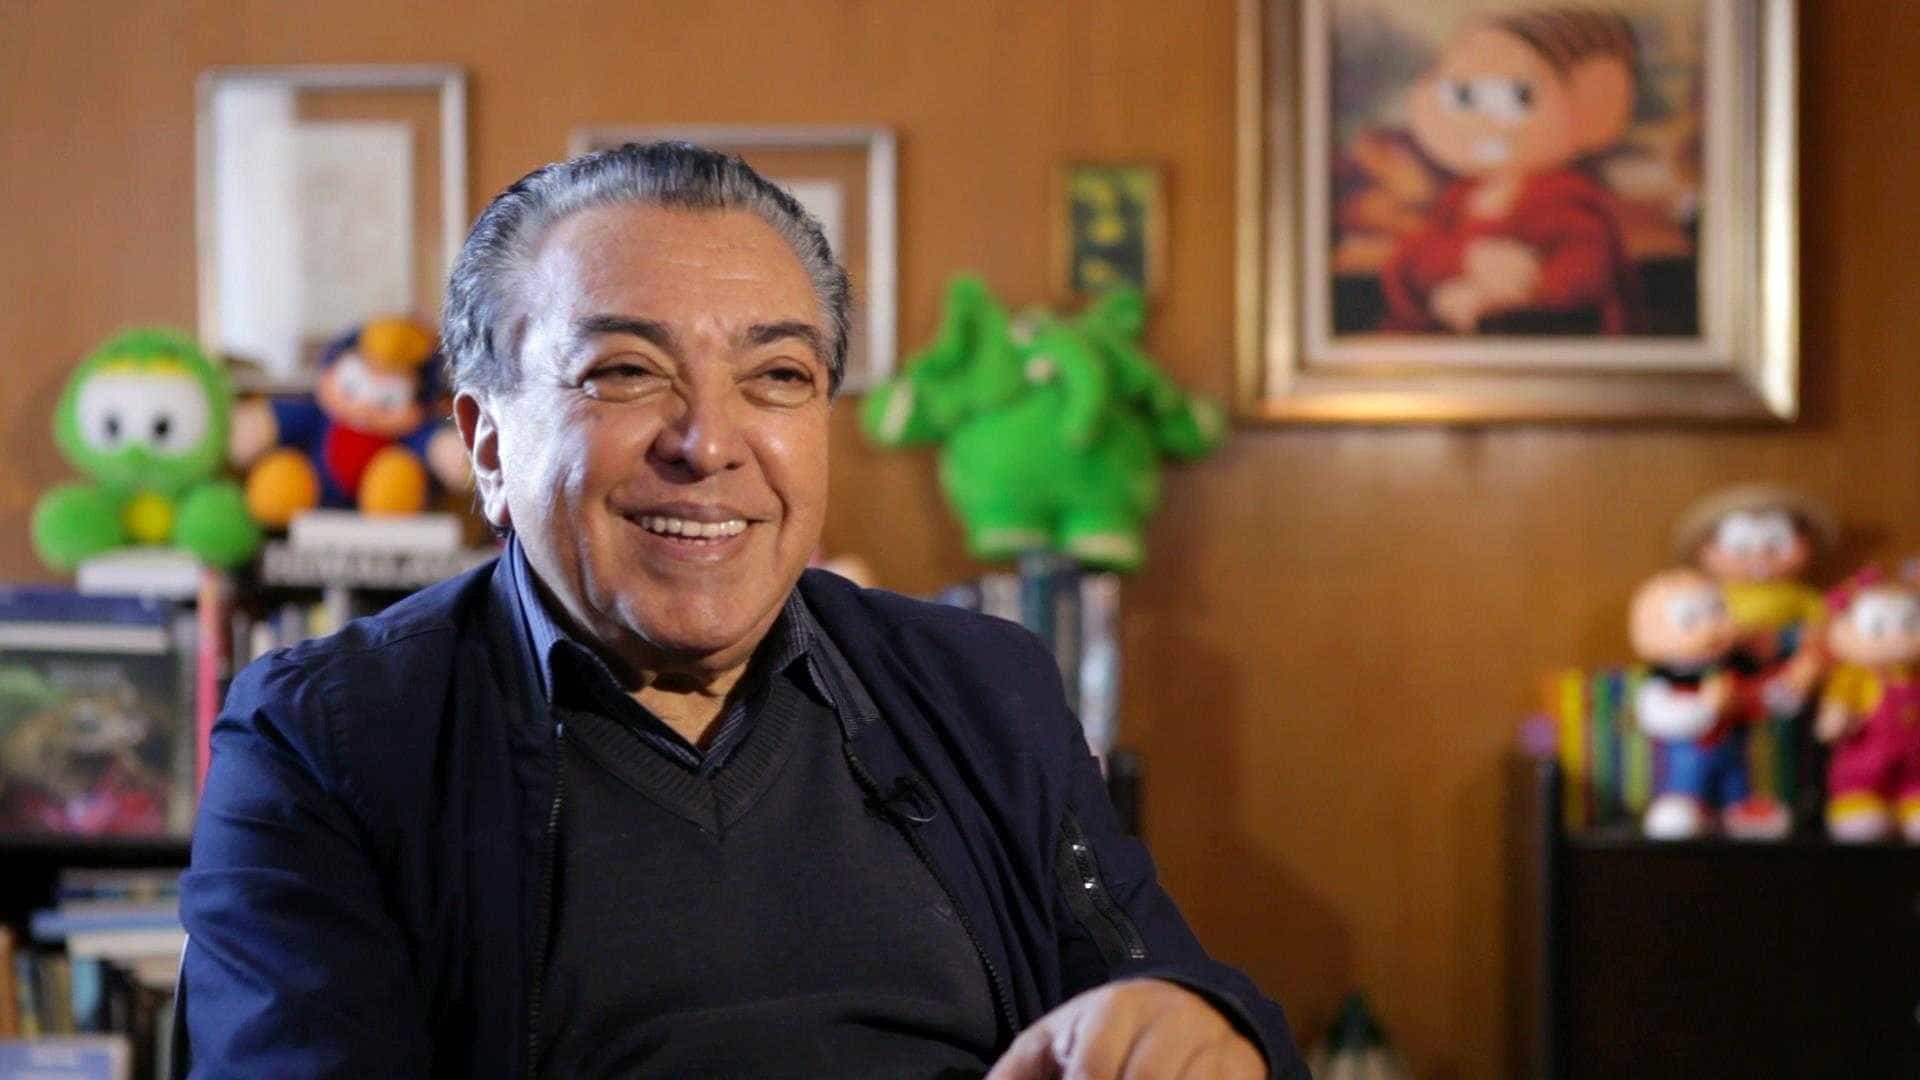 Mauricio de Sousa e Cortella confirmados na Bienal do Livro de SP